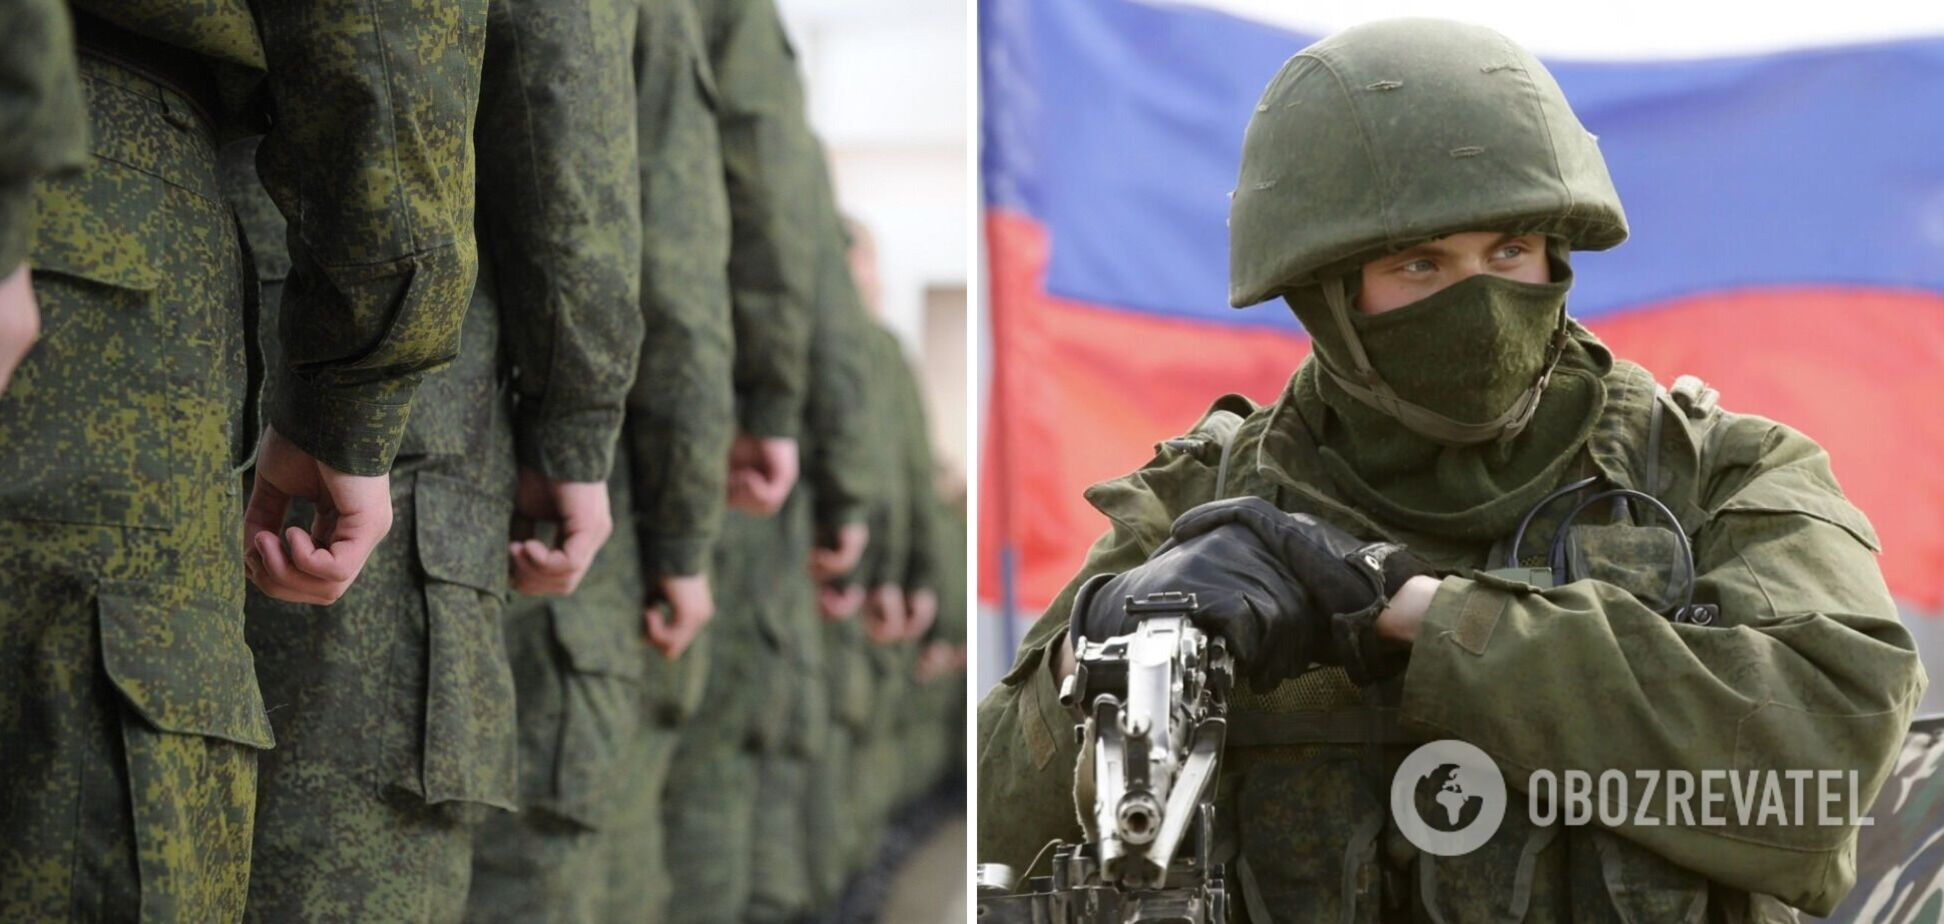 Россия укрепляет позиции на Донбассе и запугивает жителей ОРДЛО – разведка